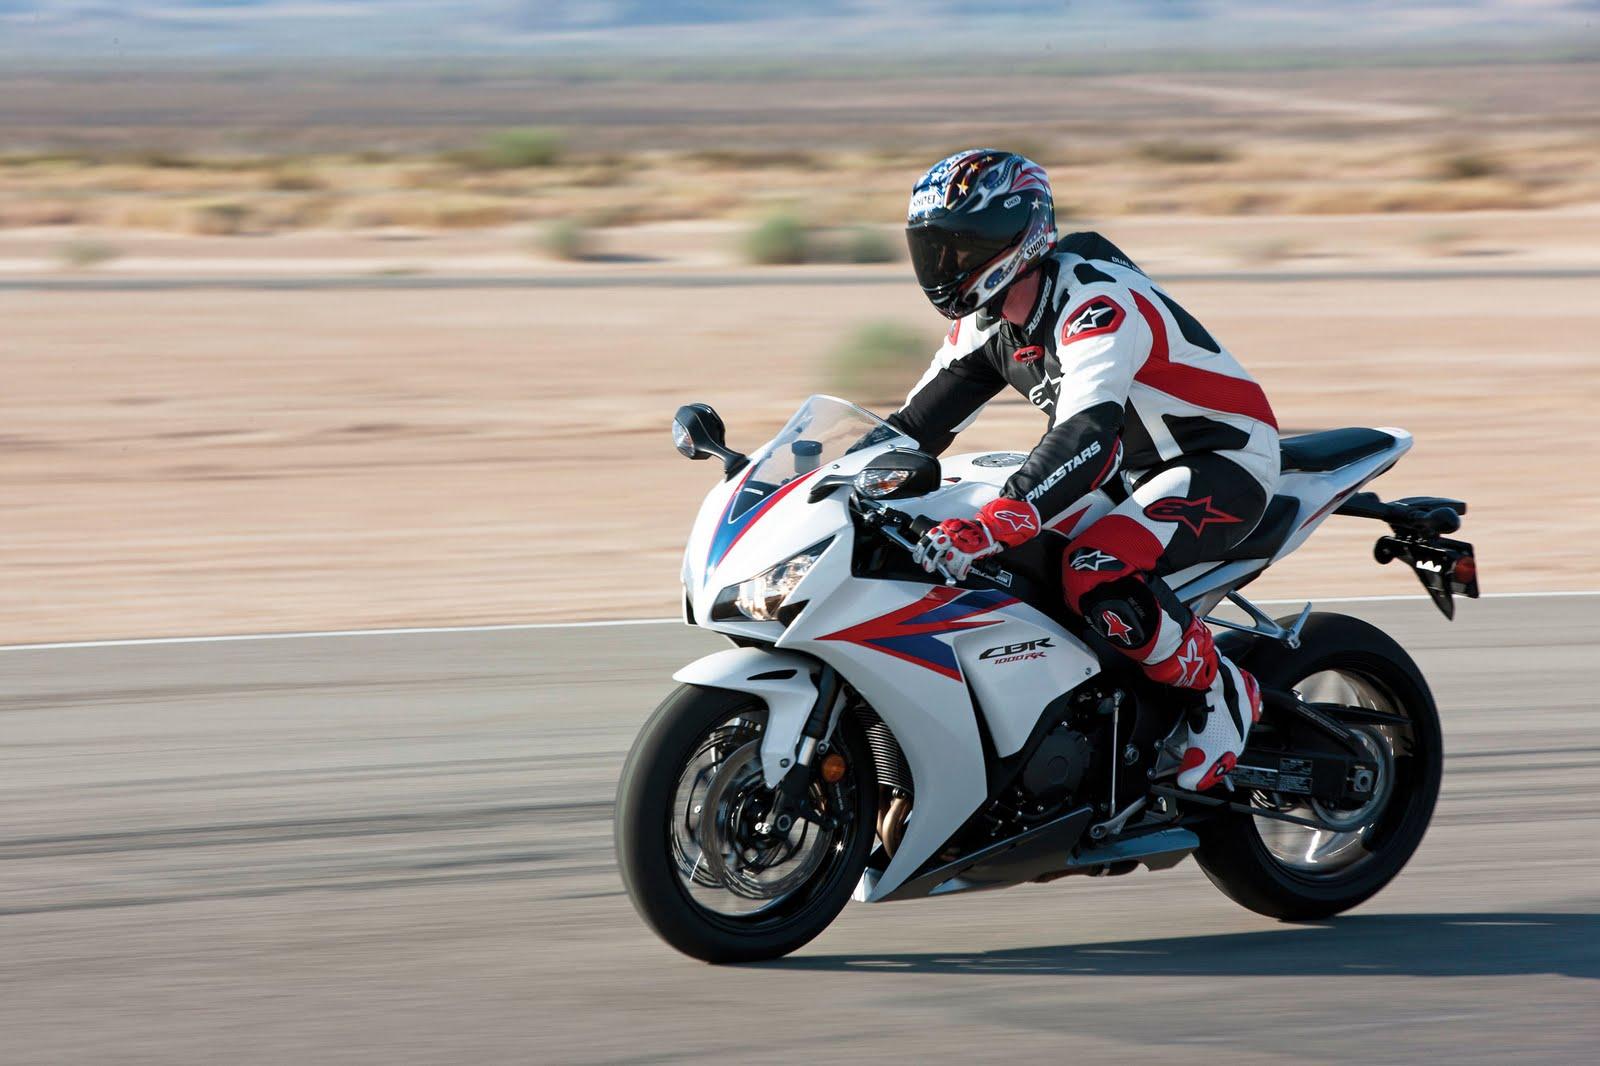 http://3.bp.blogspot.com/-qpod060xFZc/TsOdqOMxJjI/AAAAAAAAGpk/ViQwTRjfRLA/s1600/Honda-CBR1000RR-Stunts-Pictures.jpg